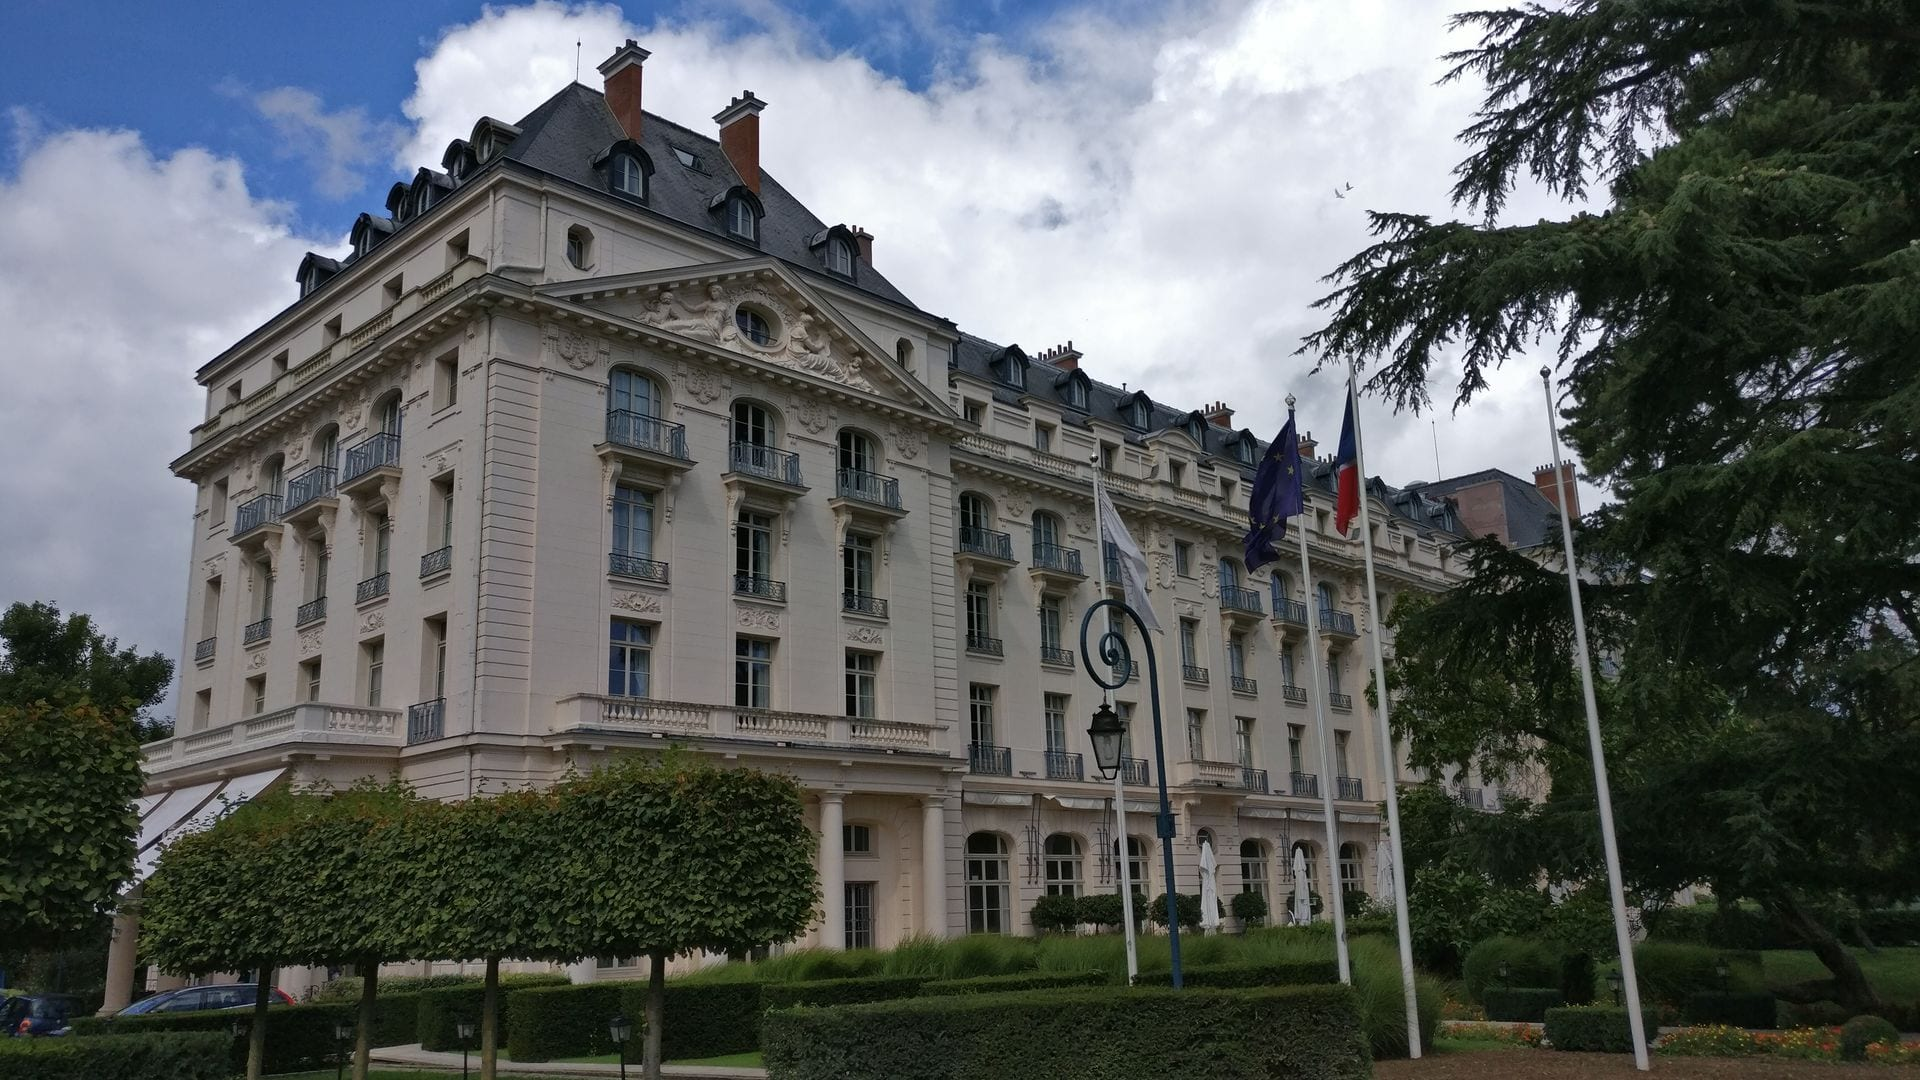 Review trianon palace versailles ein waldorf astoria hotel - Hotel trianon versailles ...